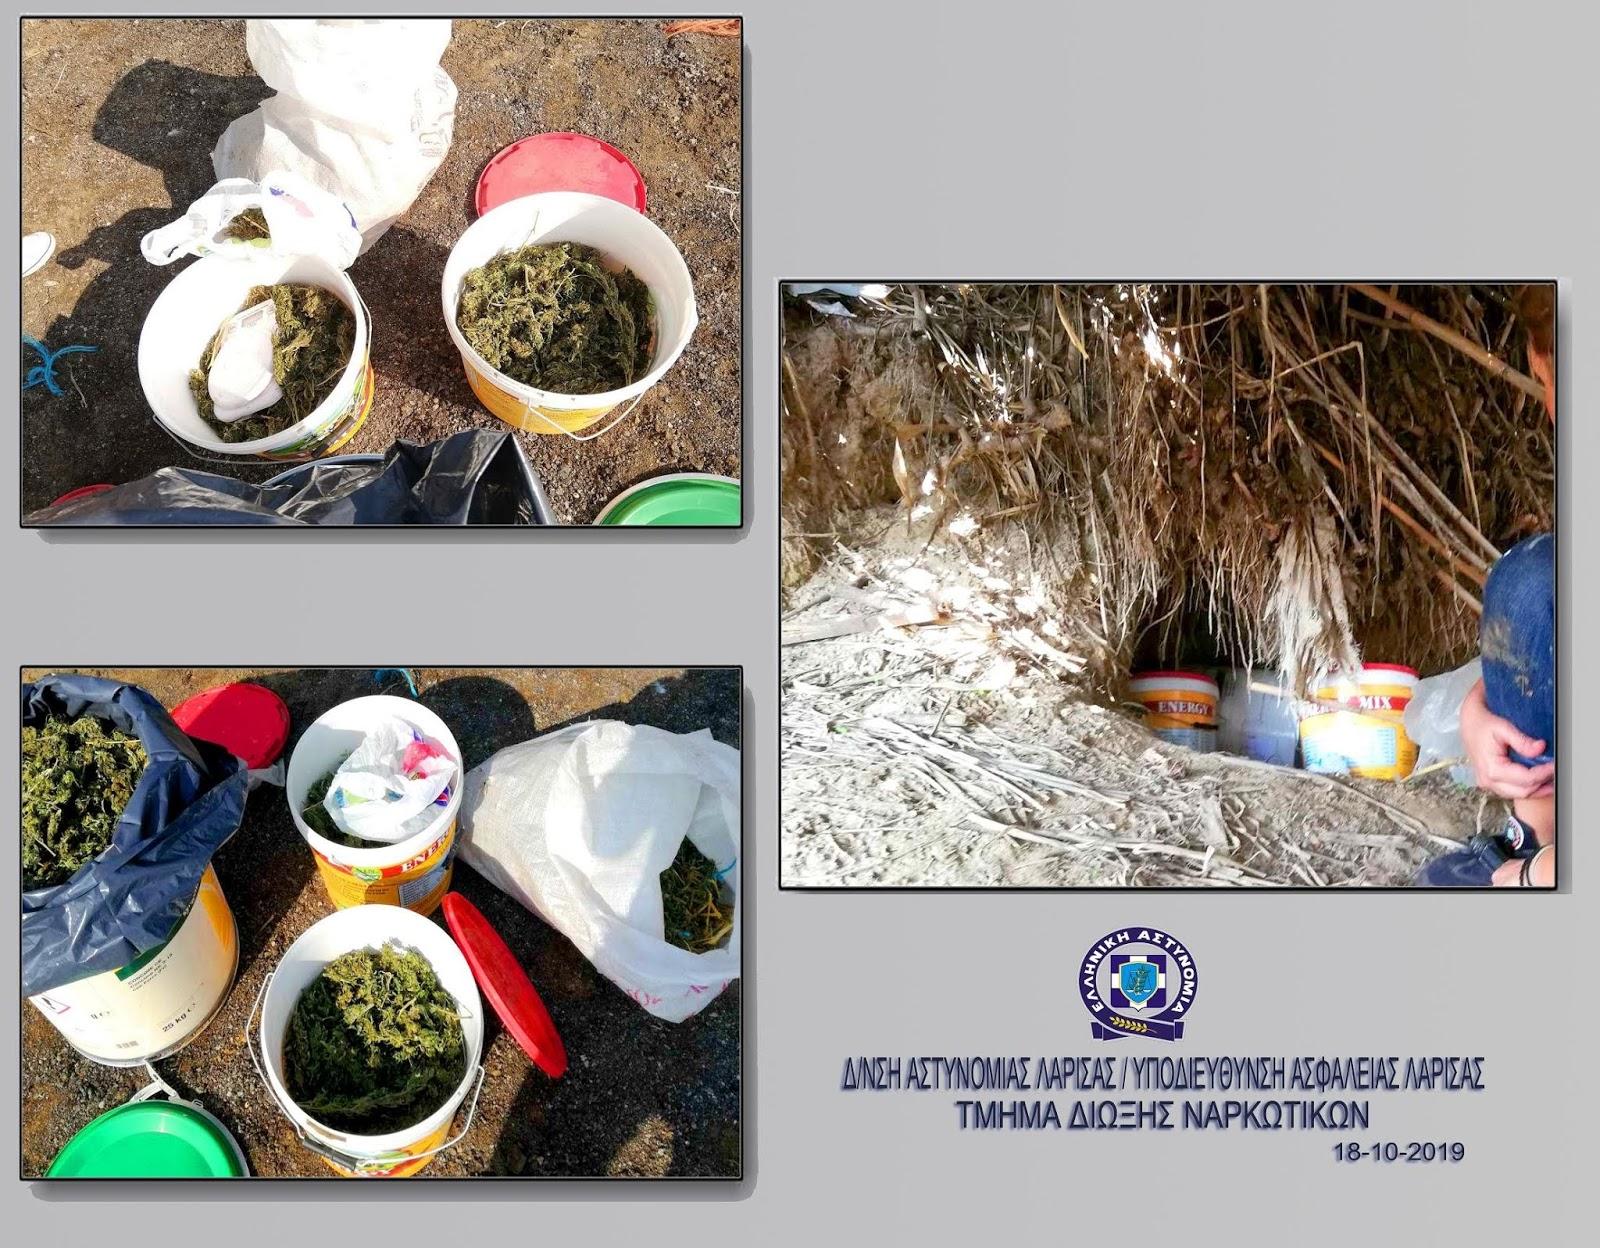 Τρεις συλλήψεις στη Λάρισα για ναρκωτικά